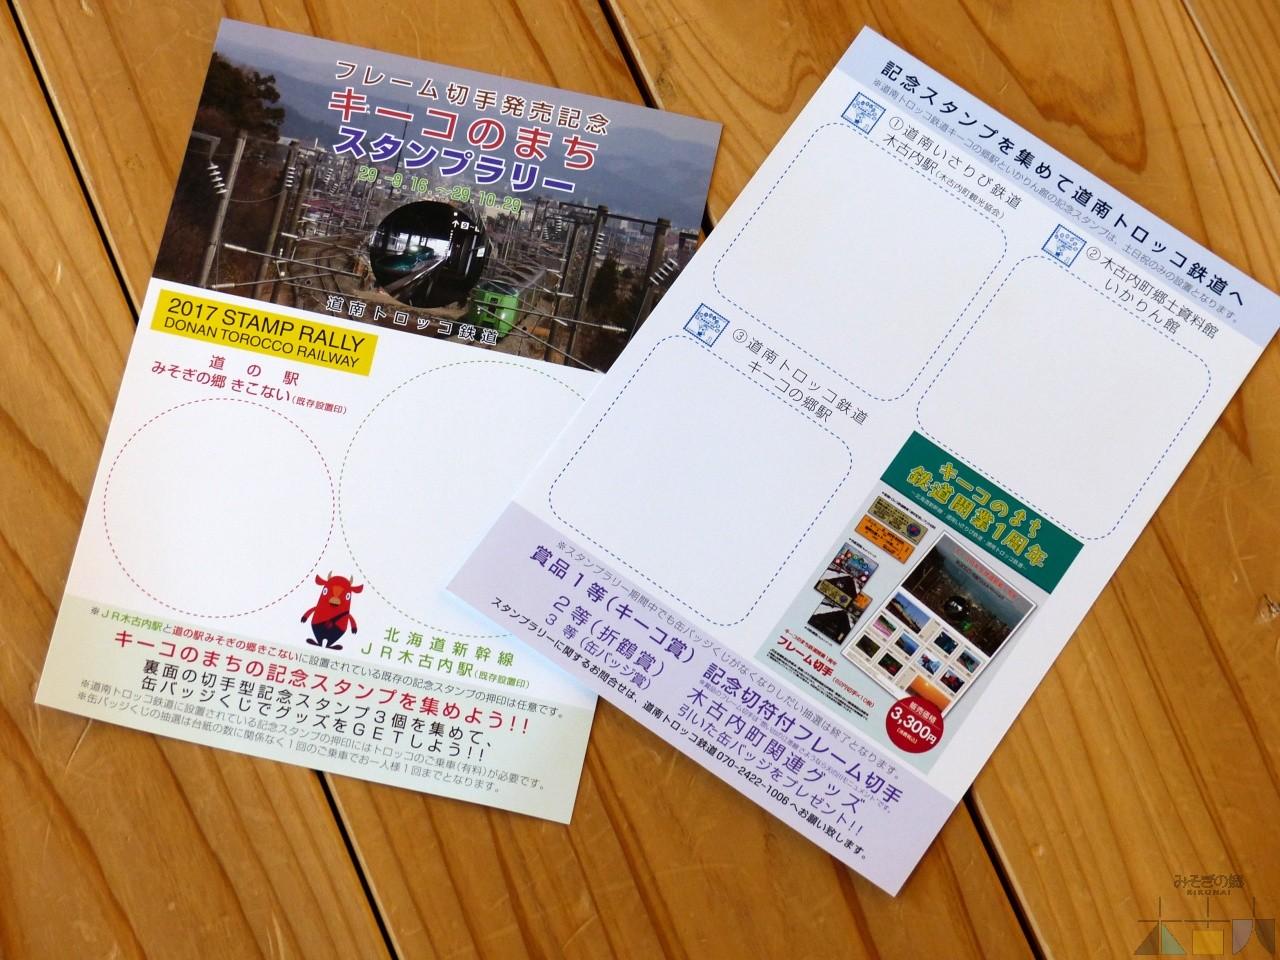 『キーコのまち鉄道開業1周年記念フレーム切手発売記念スタンプラリー』開始! 10月29日まで